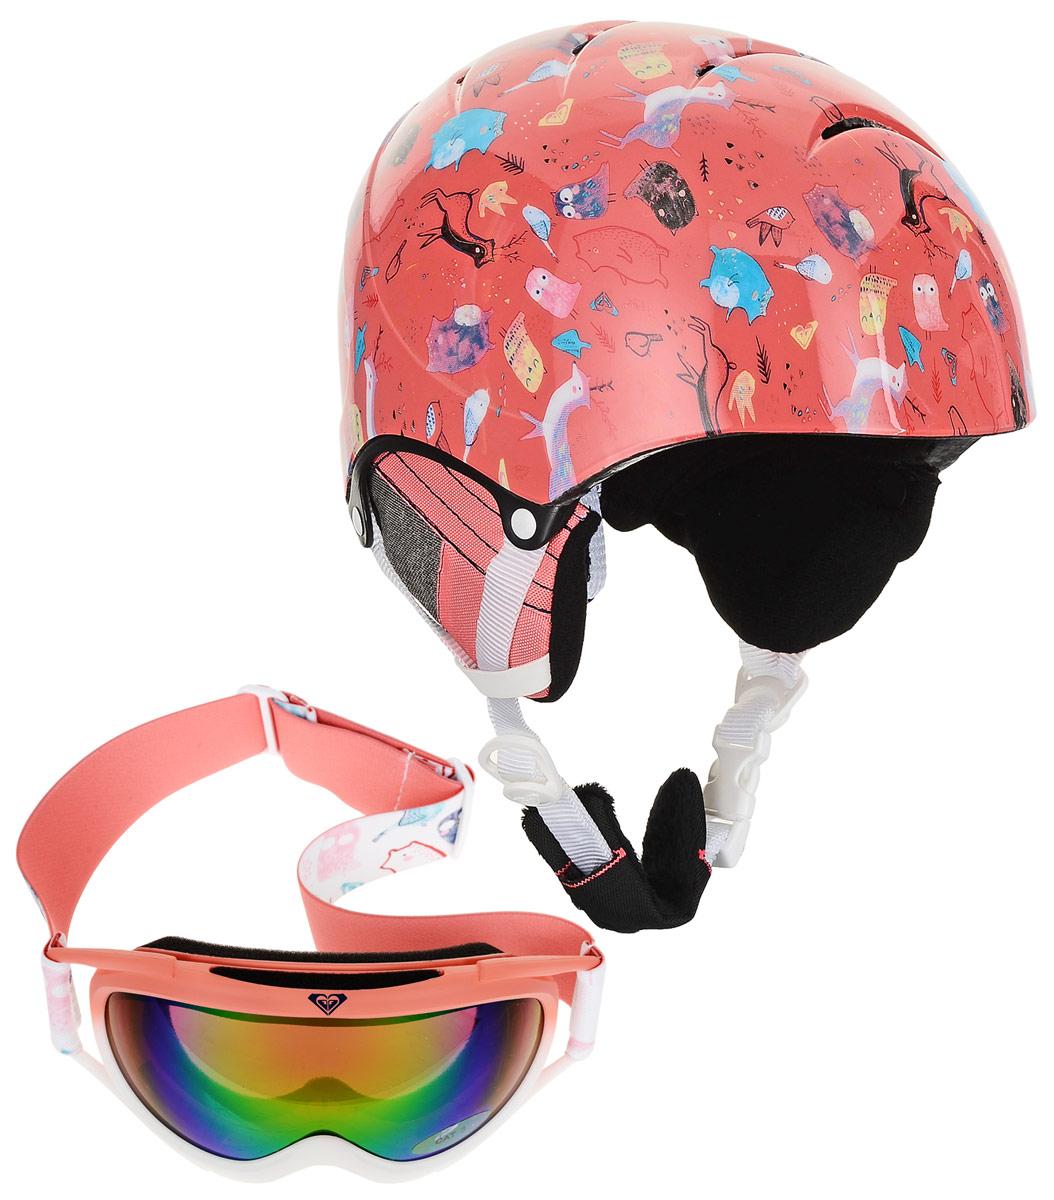 Шлем для горных лыж и сноуборда Roxy MISTY GIRL PCK G HLMT MHG0, цвет: розовый. Размер 54 цена